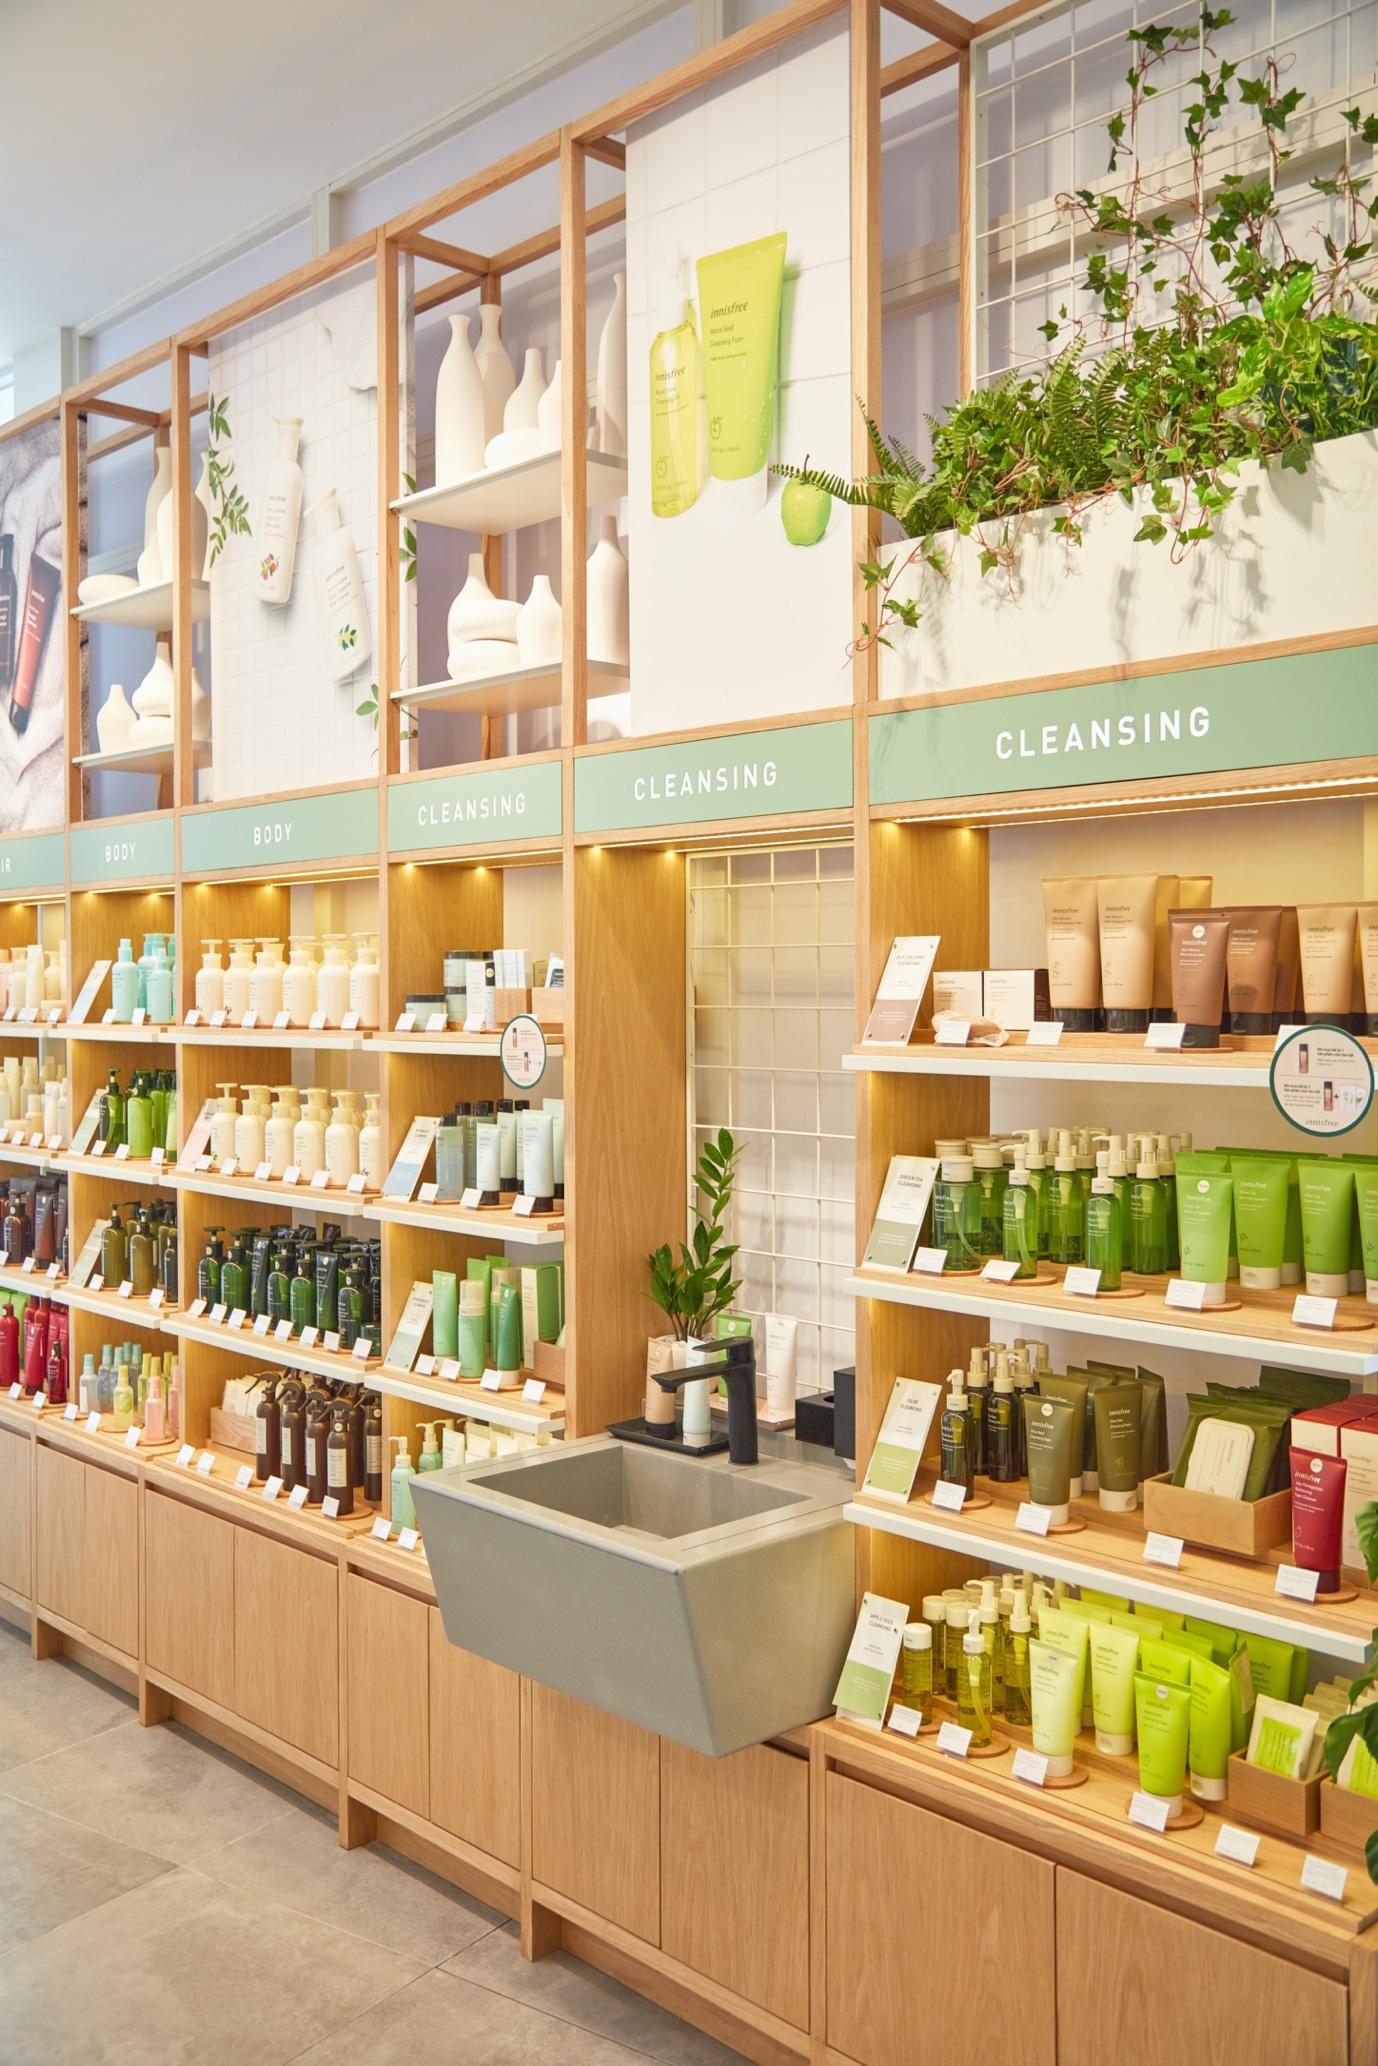 """Mở rộng chuỗi cửa hàng thân thiện với môi trường, innisfree khai trương """"điểm dừng chân xanh"""" đầu tiên tại Đà Nẵng - Ảnh 3."""